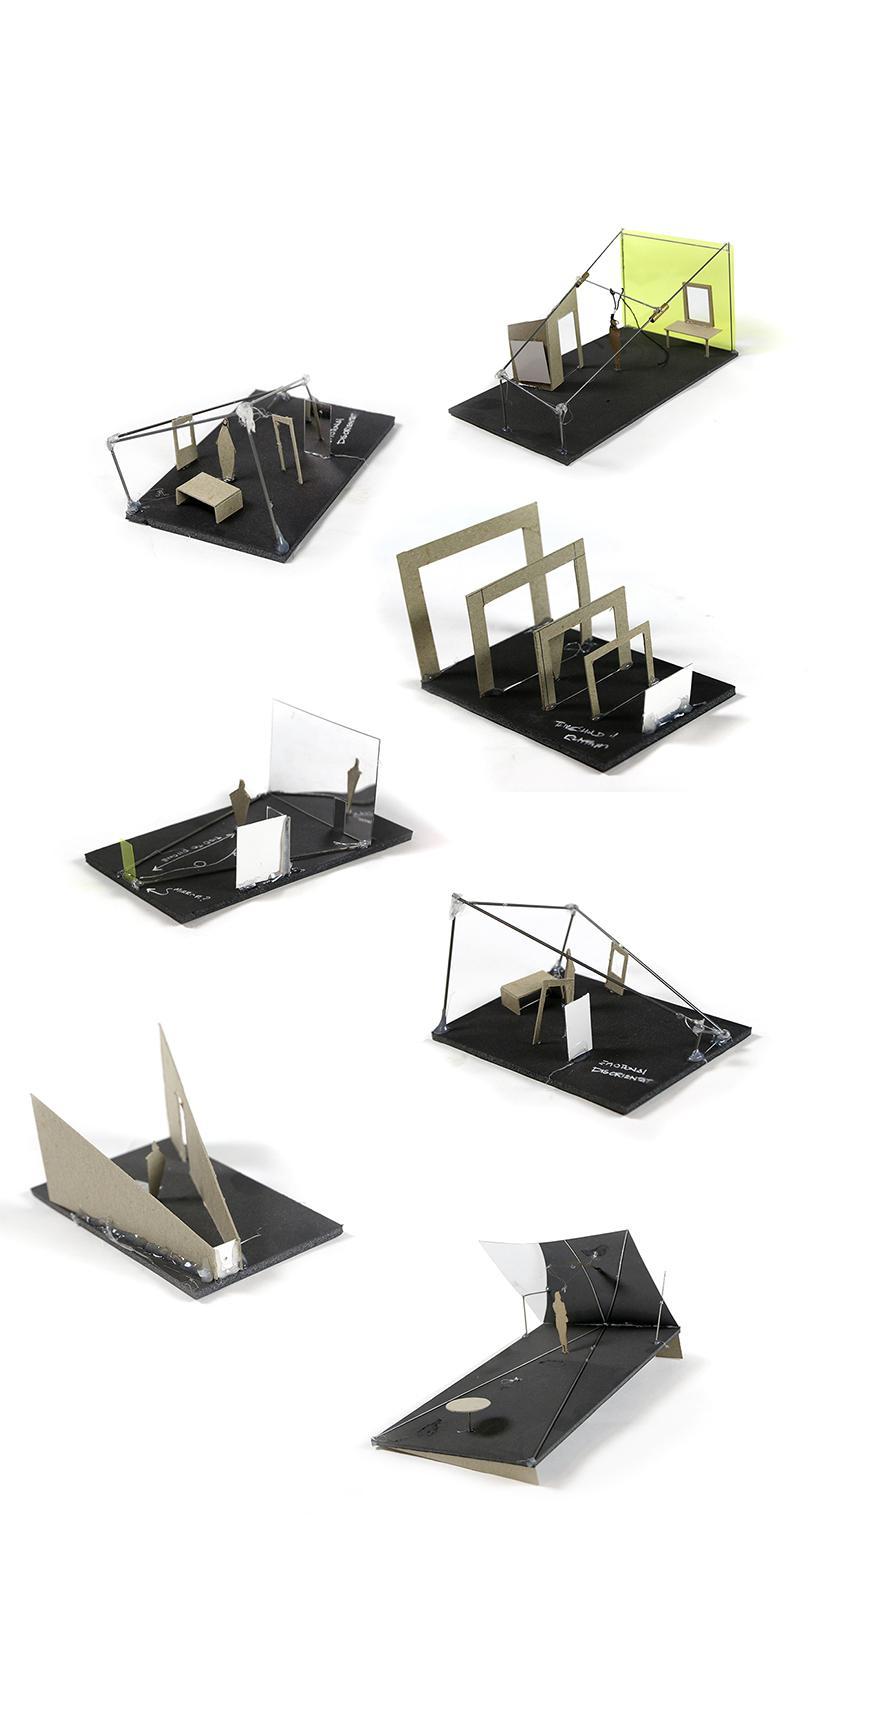 seven models